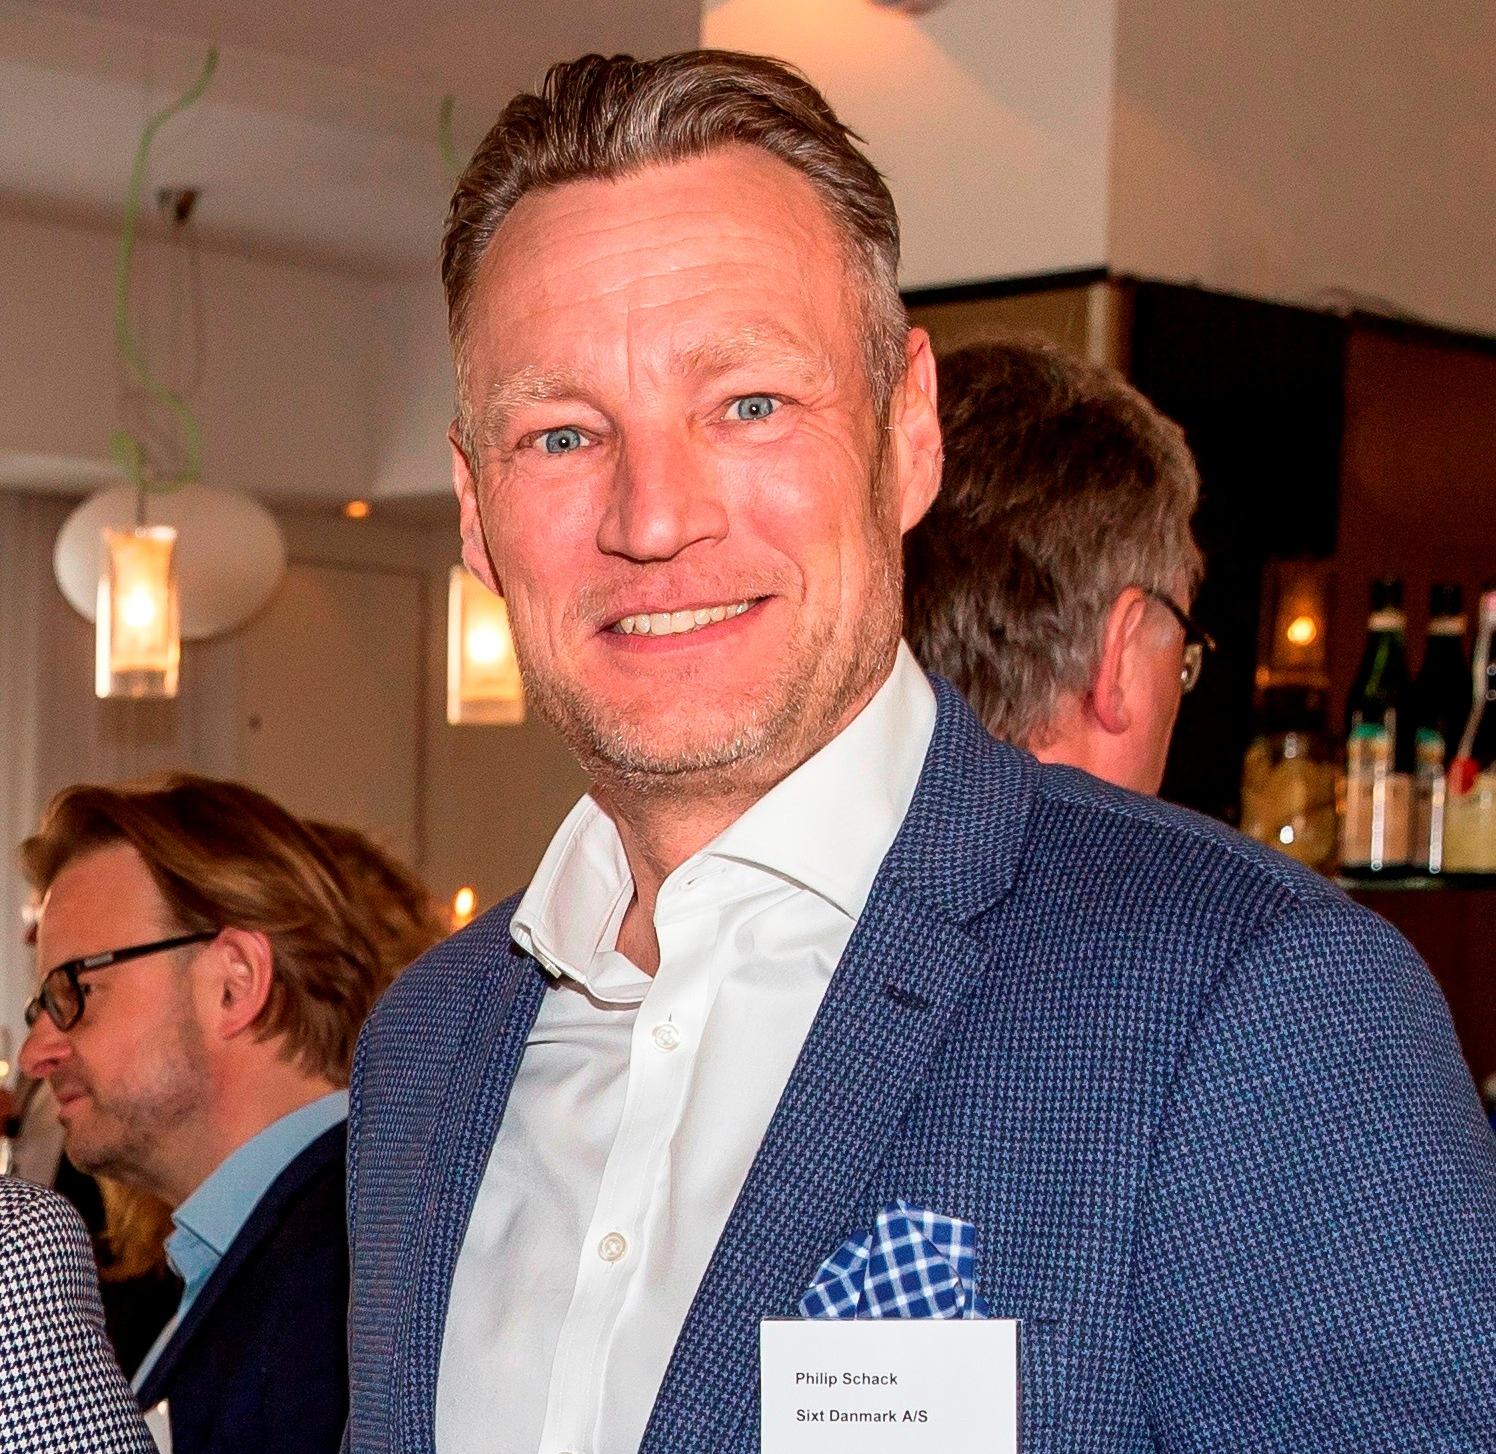 Philip Schack skal som ny driftsdirektør blandt andet stå i spidsen for den operationelle integration af Europcar Danmark i Europcar International.